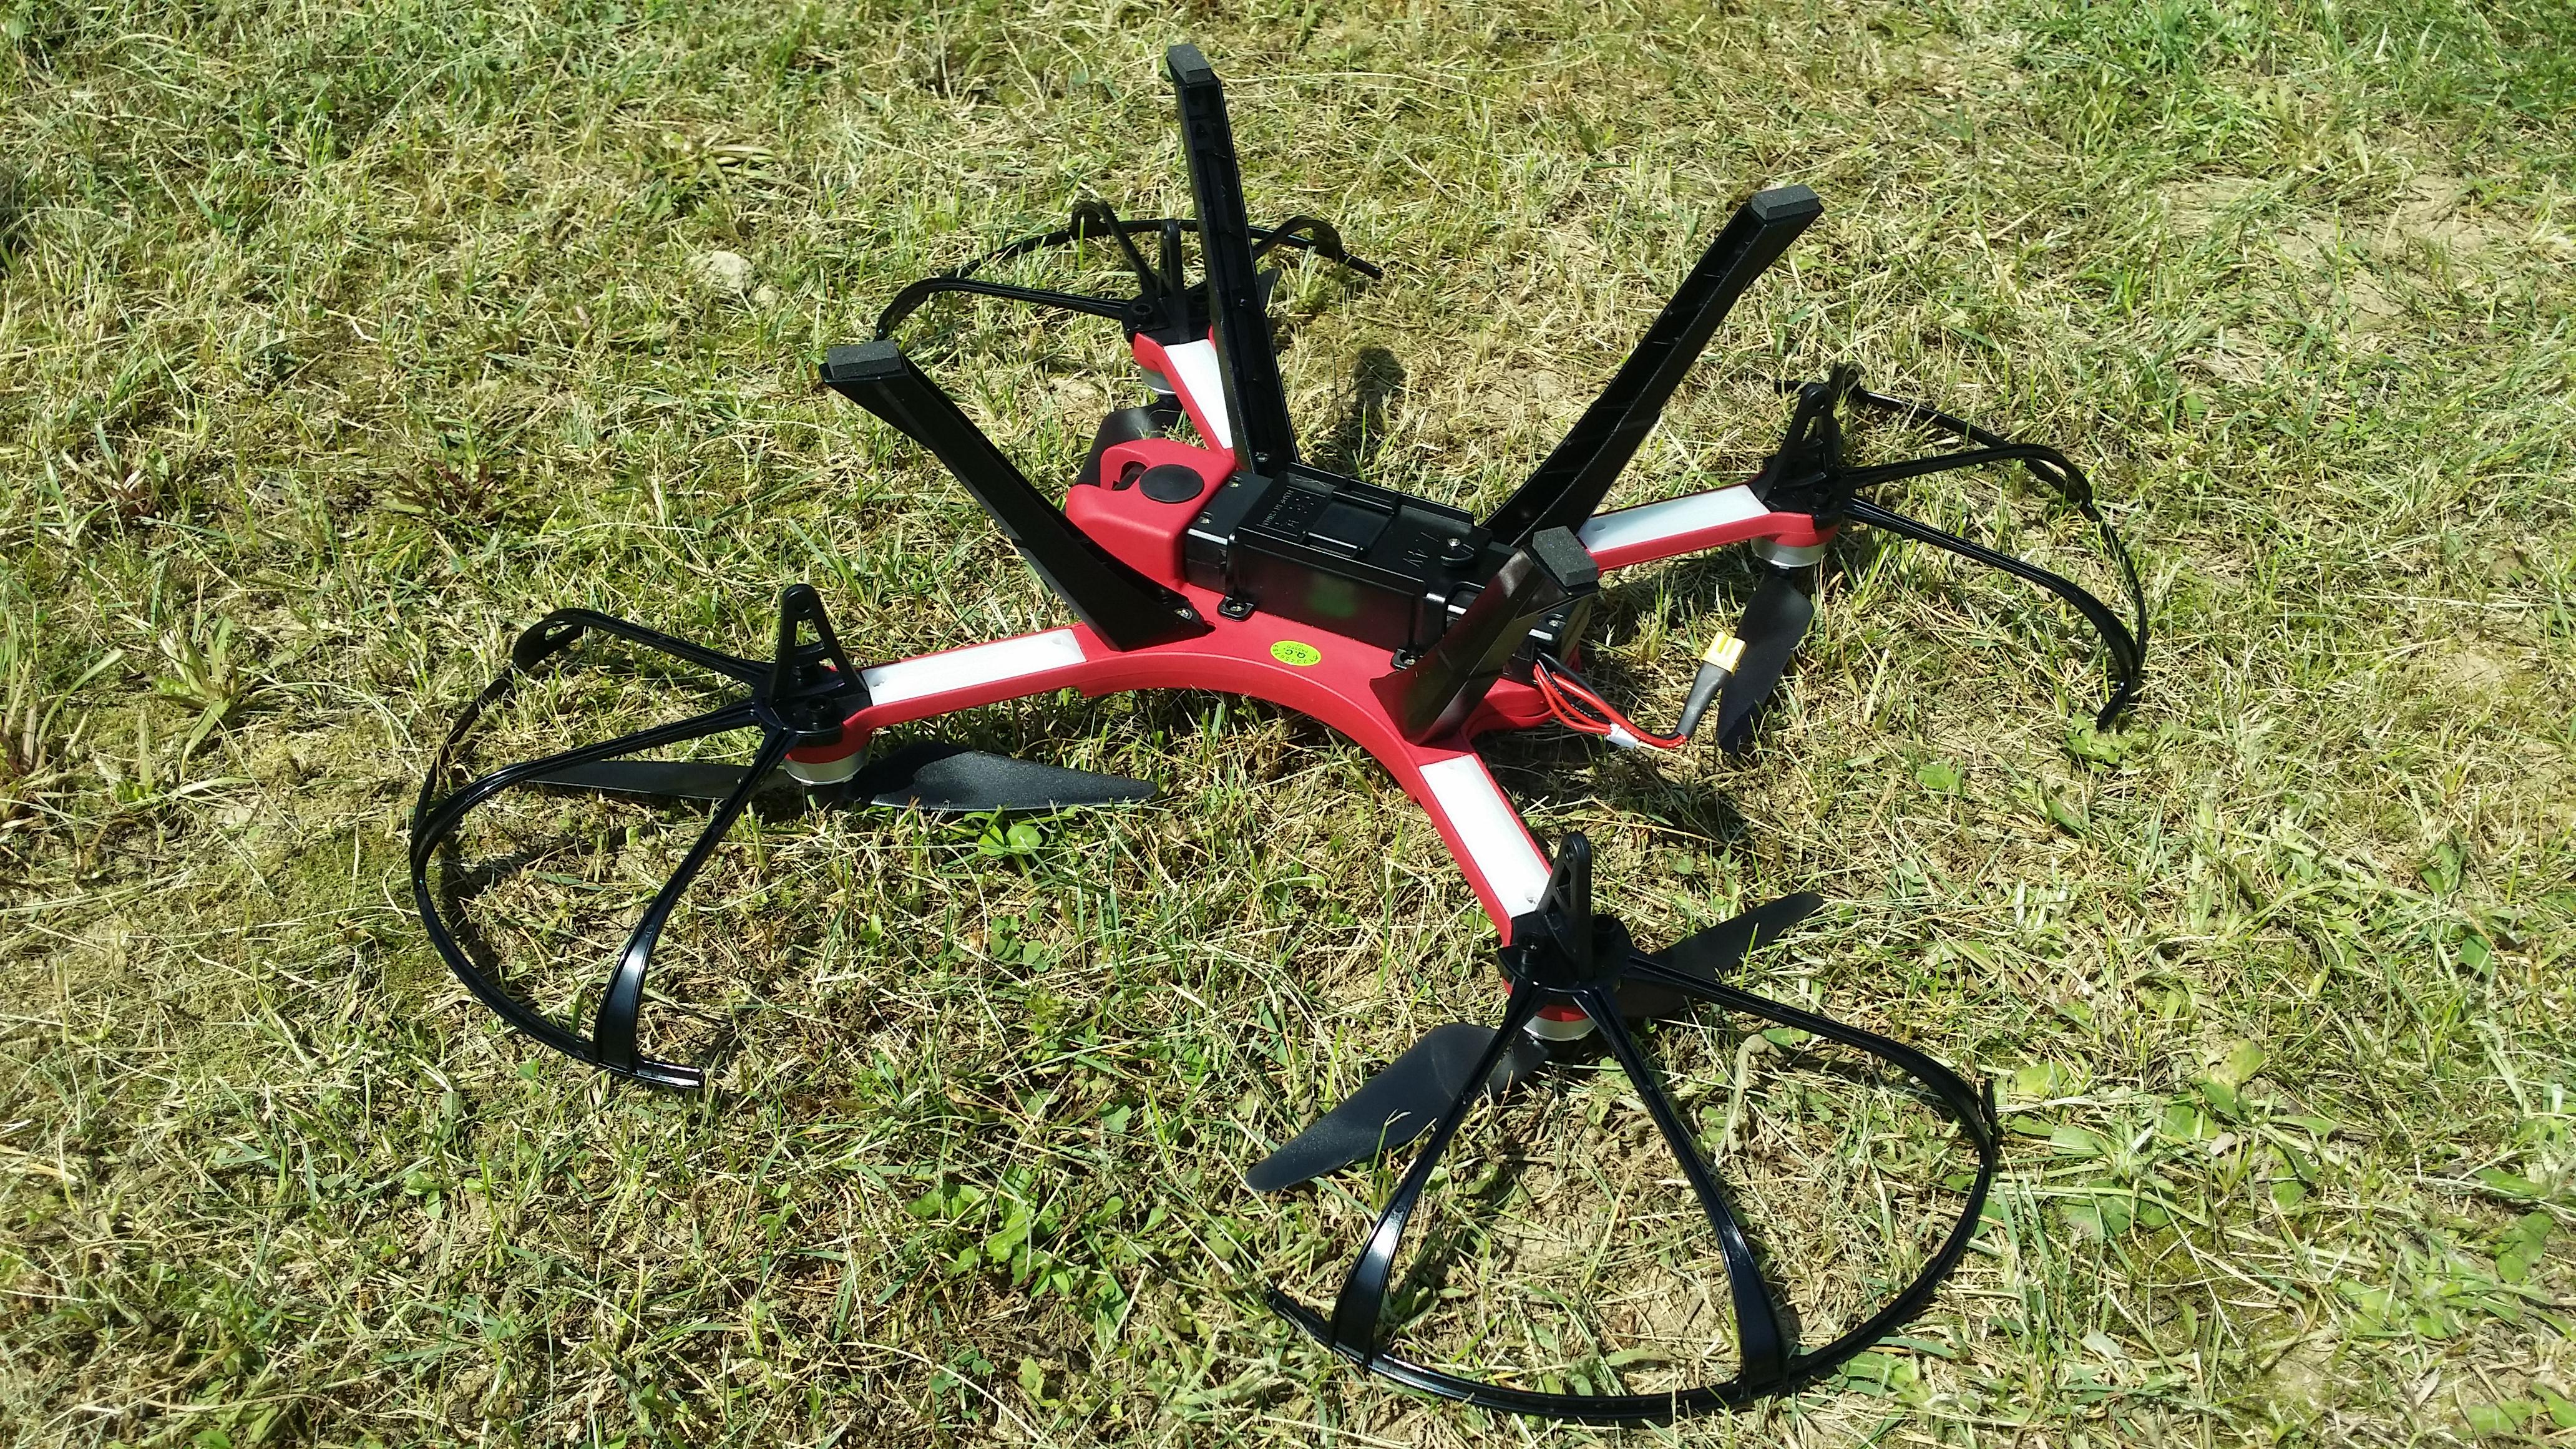 mjx-bugs-3-dron-teszt-20180804_132416